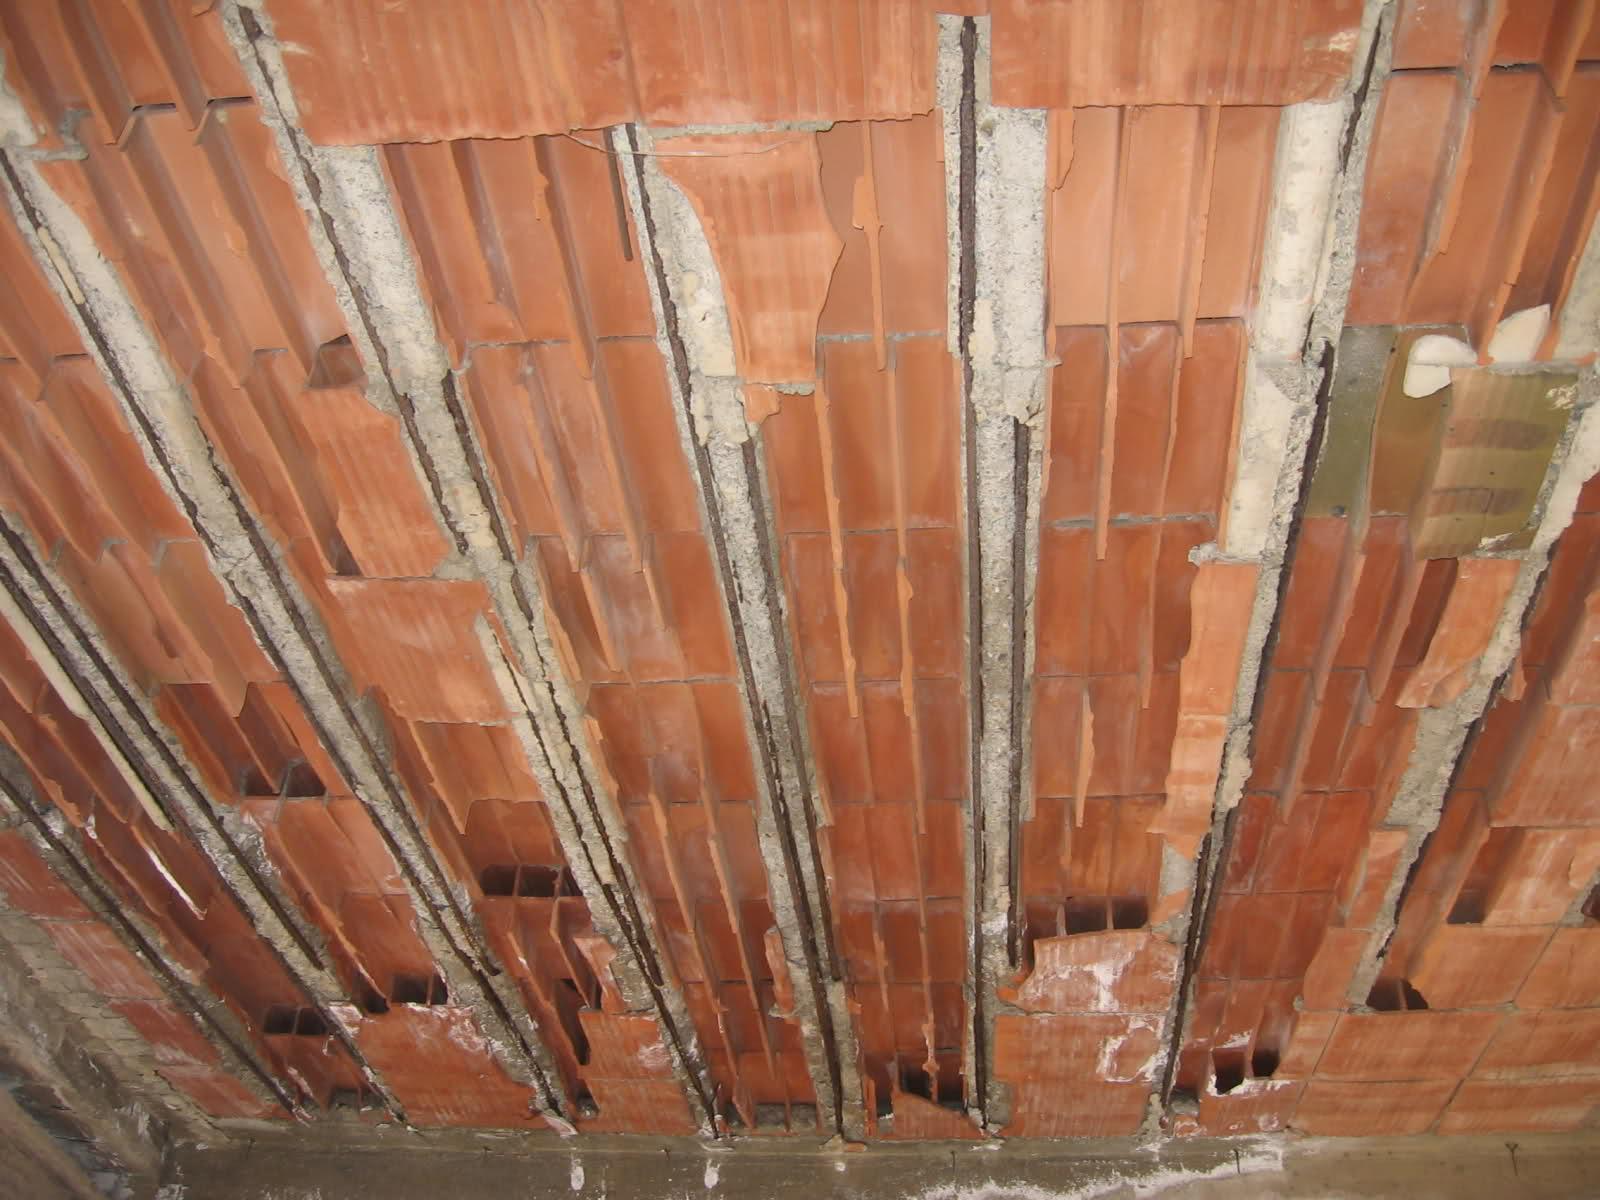 Muffa sul soffitto perch si forma e come risolvere veramente - Perche si forma l umidita in casa ...